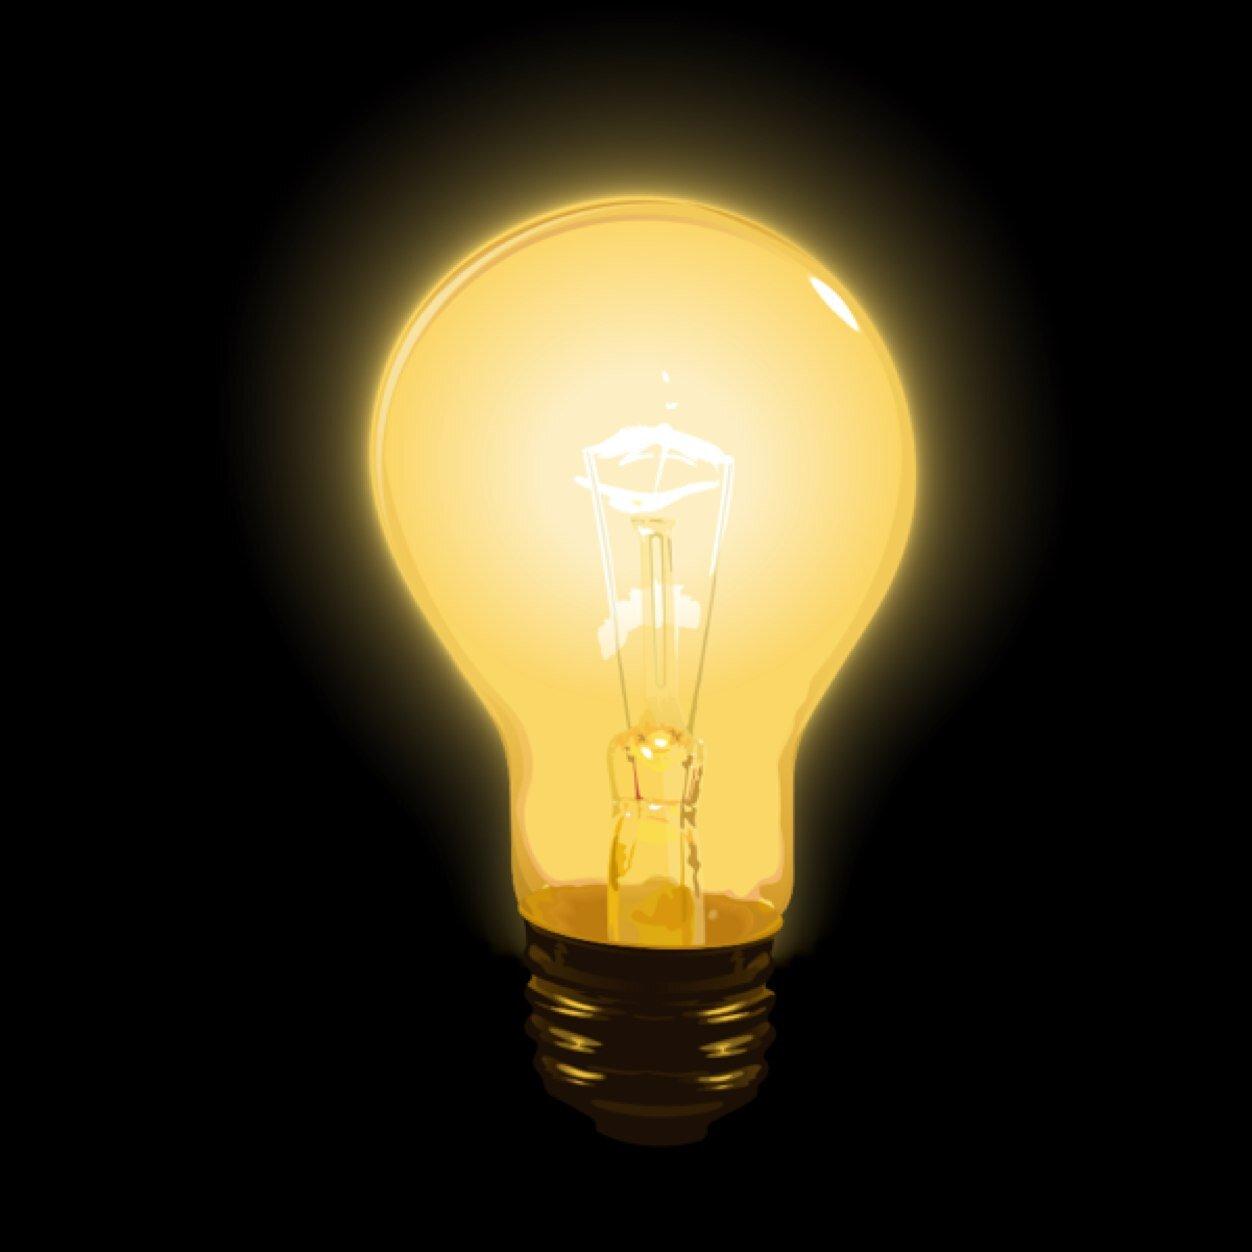 картинка светится как лампочка удача тоже ждёт